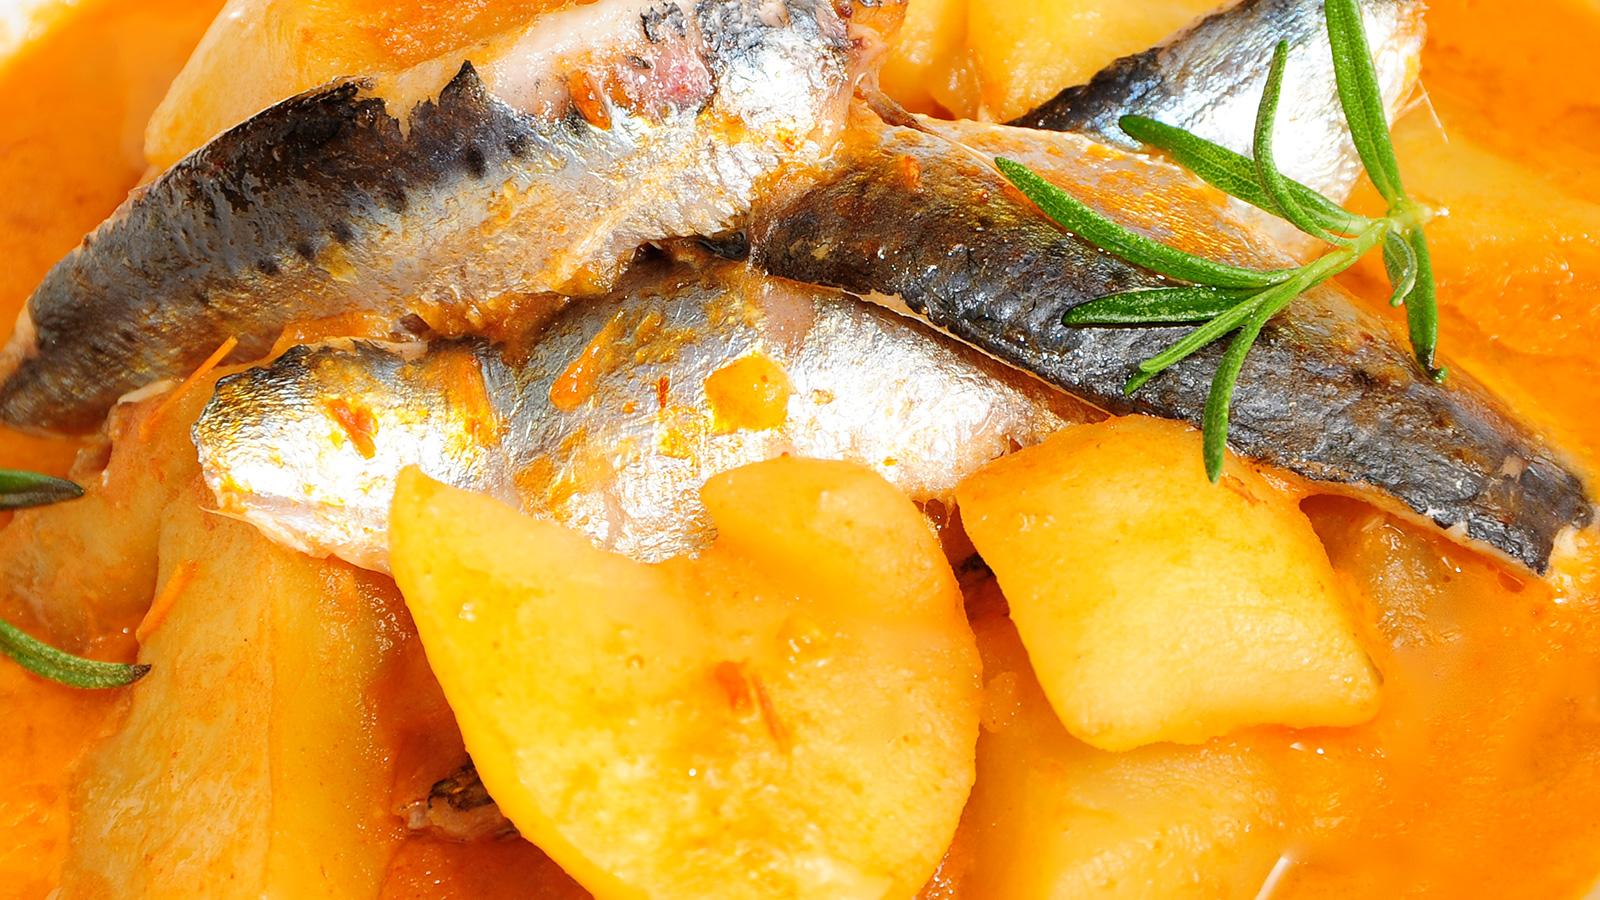 Patatas con piment n y sardinas sergio fern ndez for Canal cocina sergio fernandez